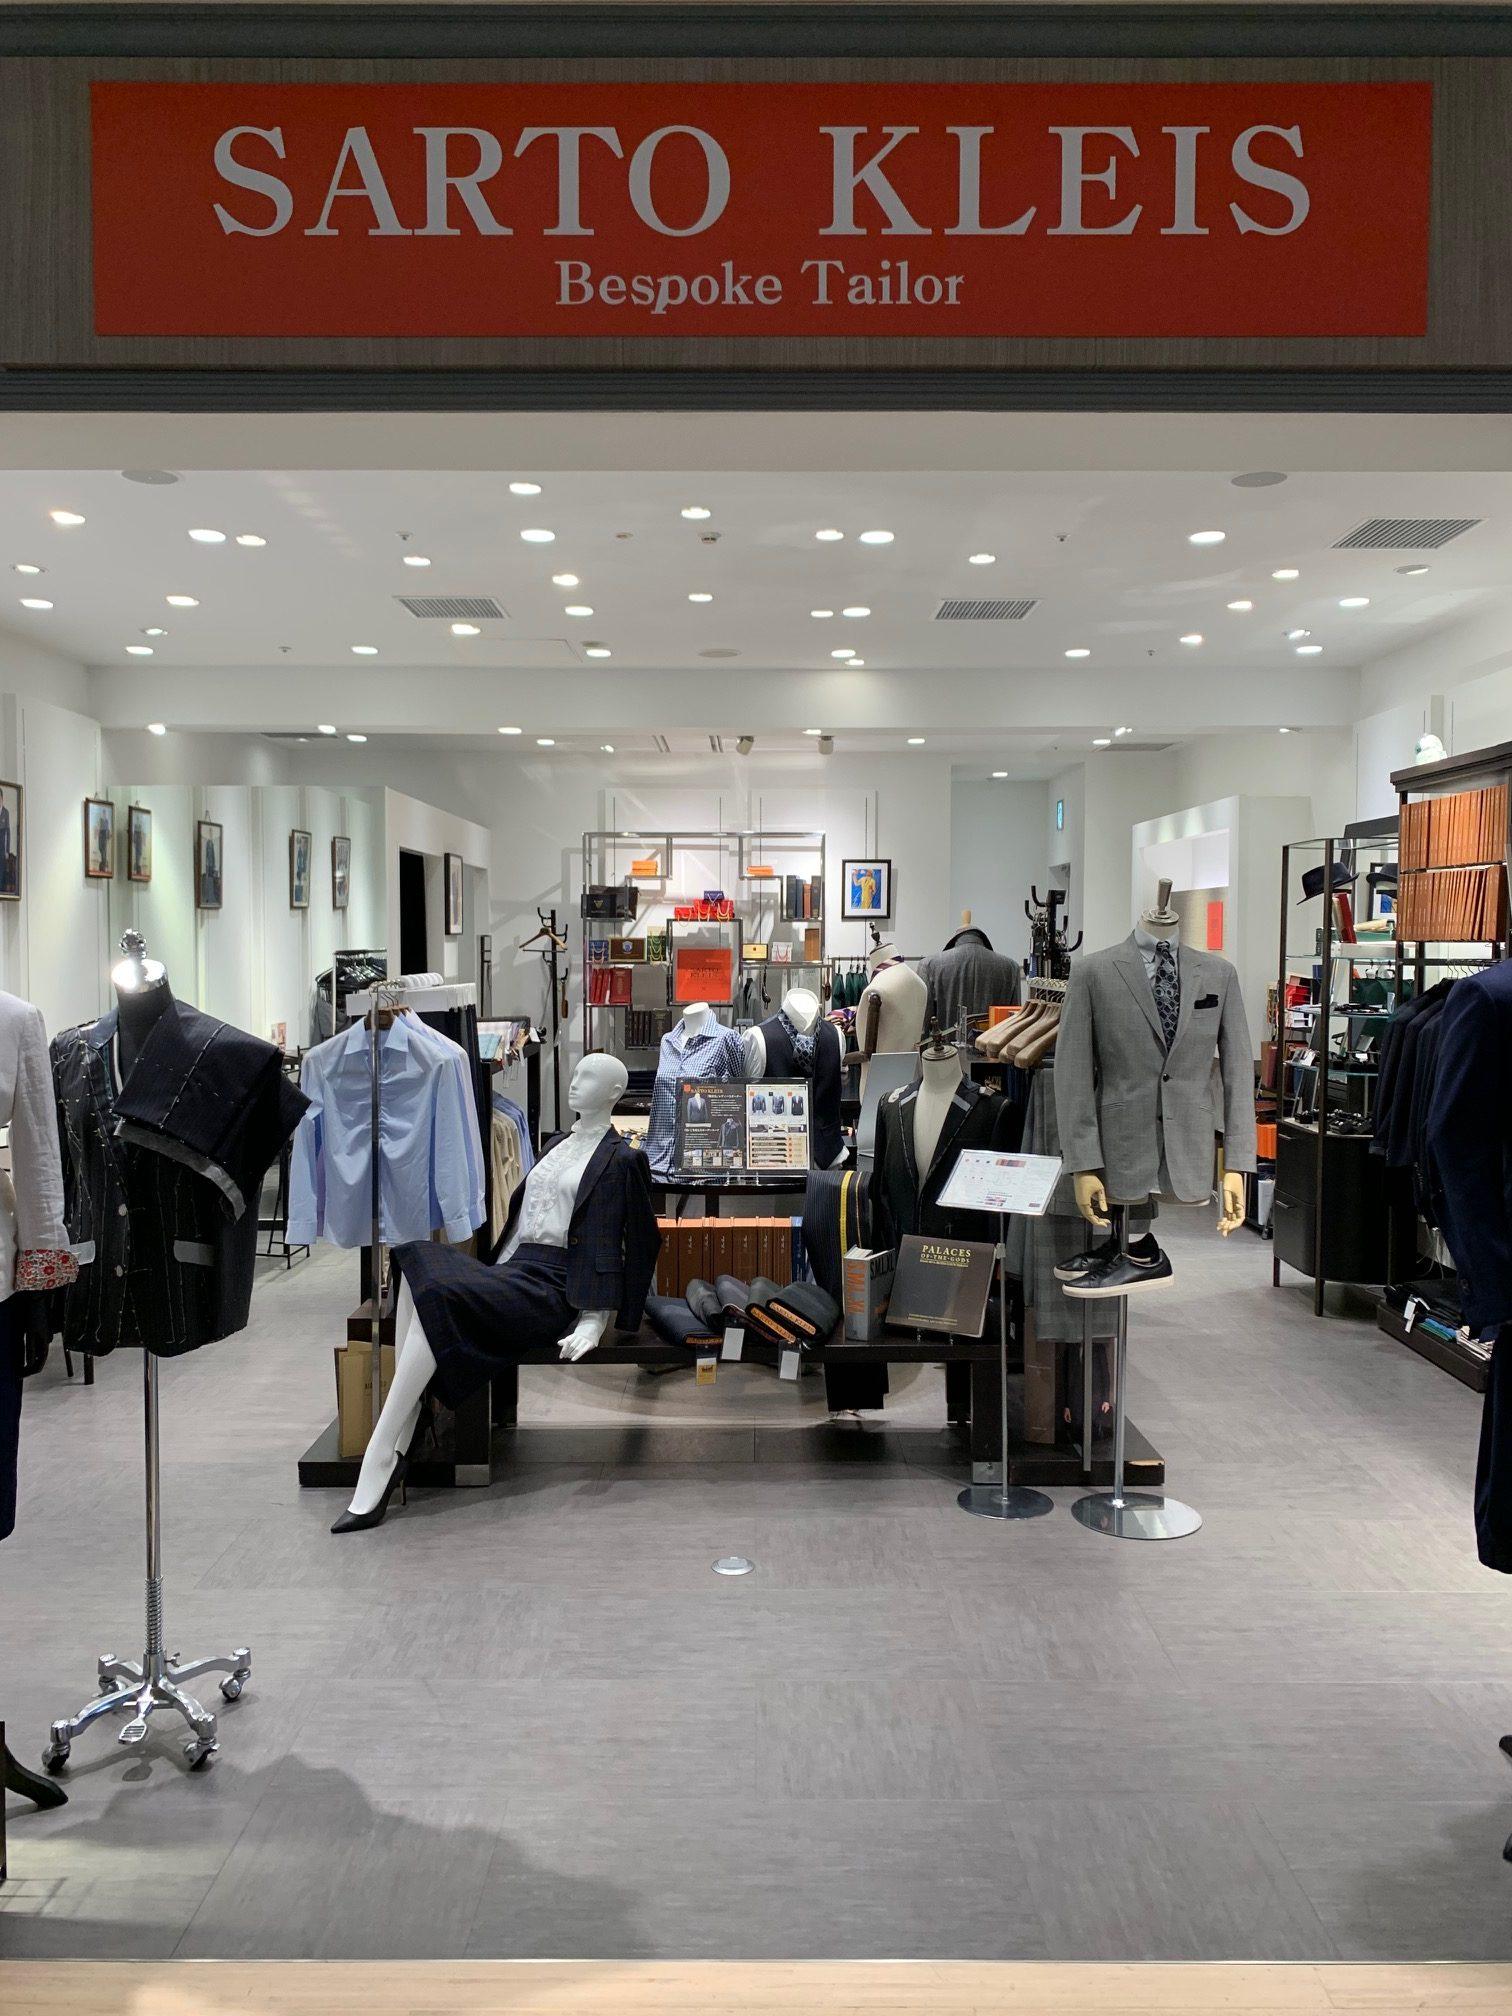 image1 1 4 e1570279348223 - 大阪でオーダースーツを選ぶなら!